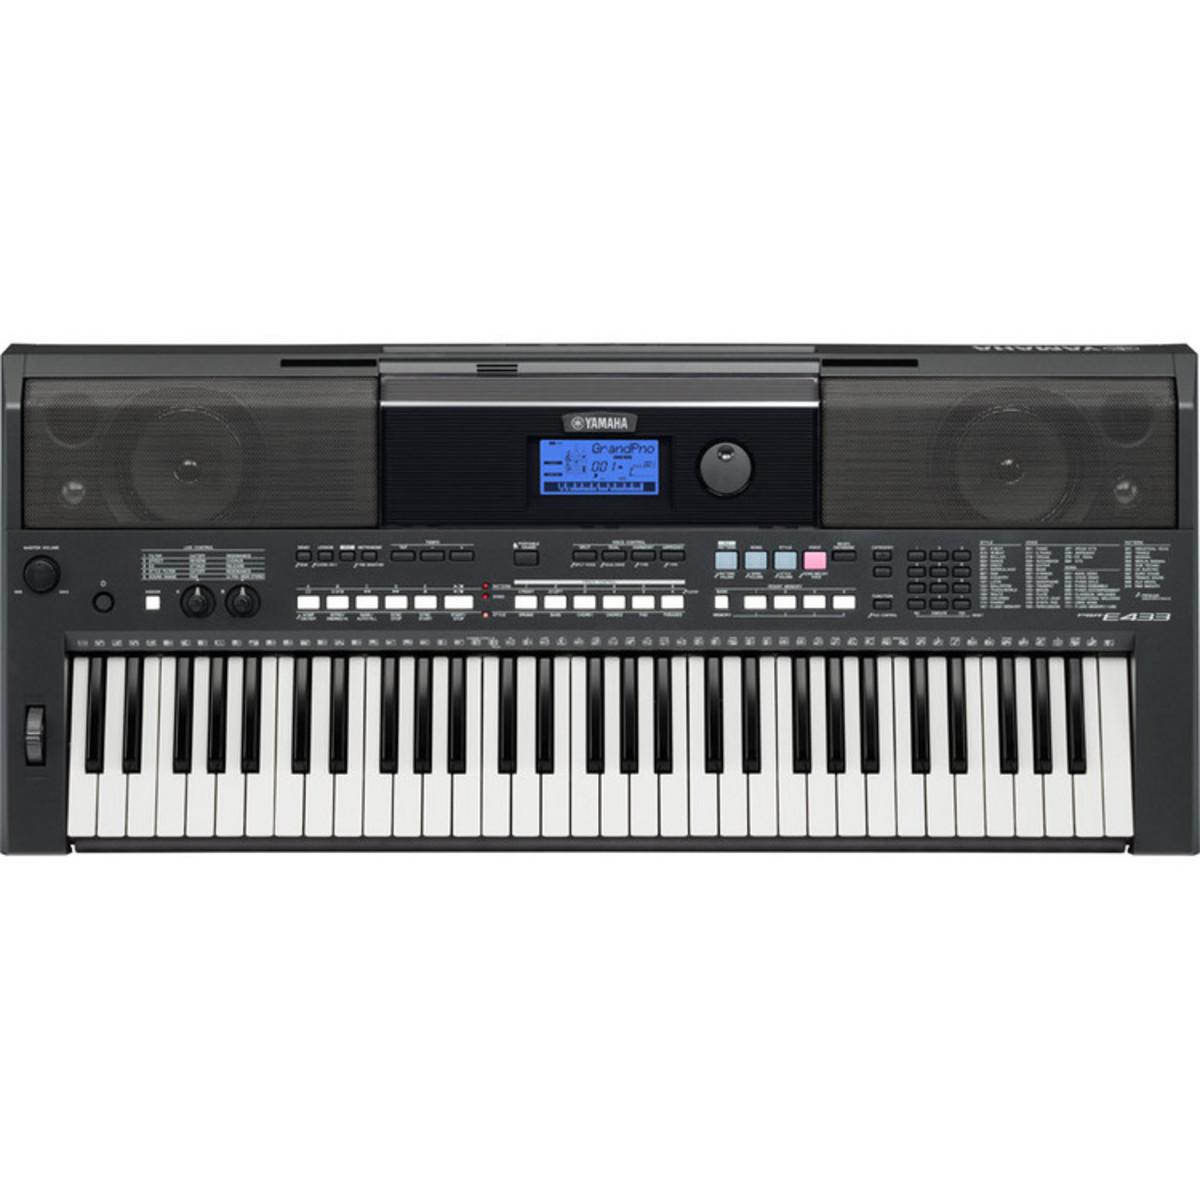 yamaha psr e433 portable keyboard ex demo at